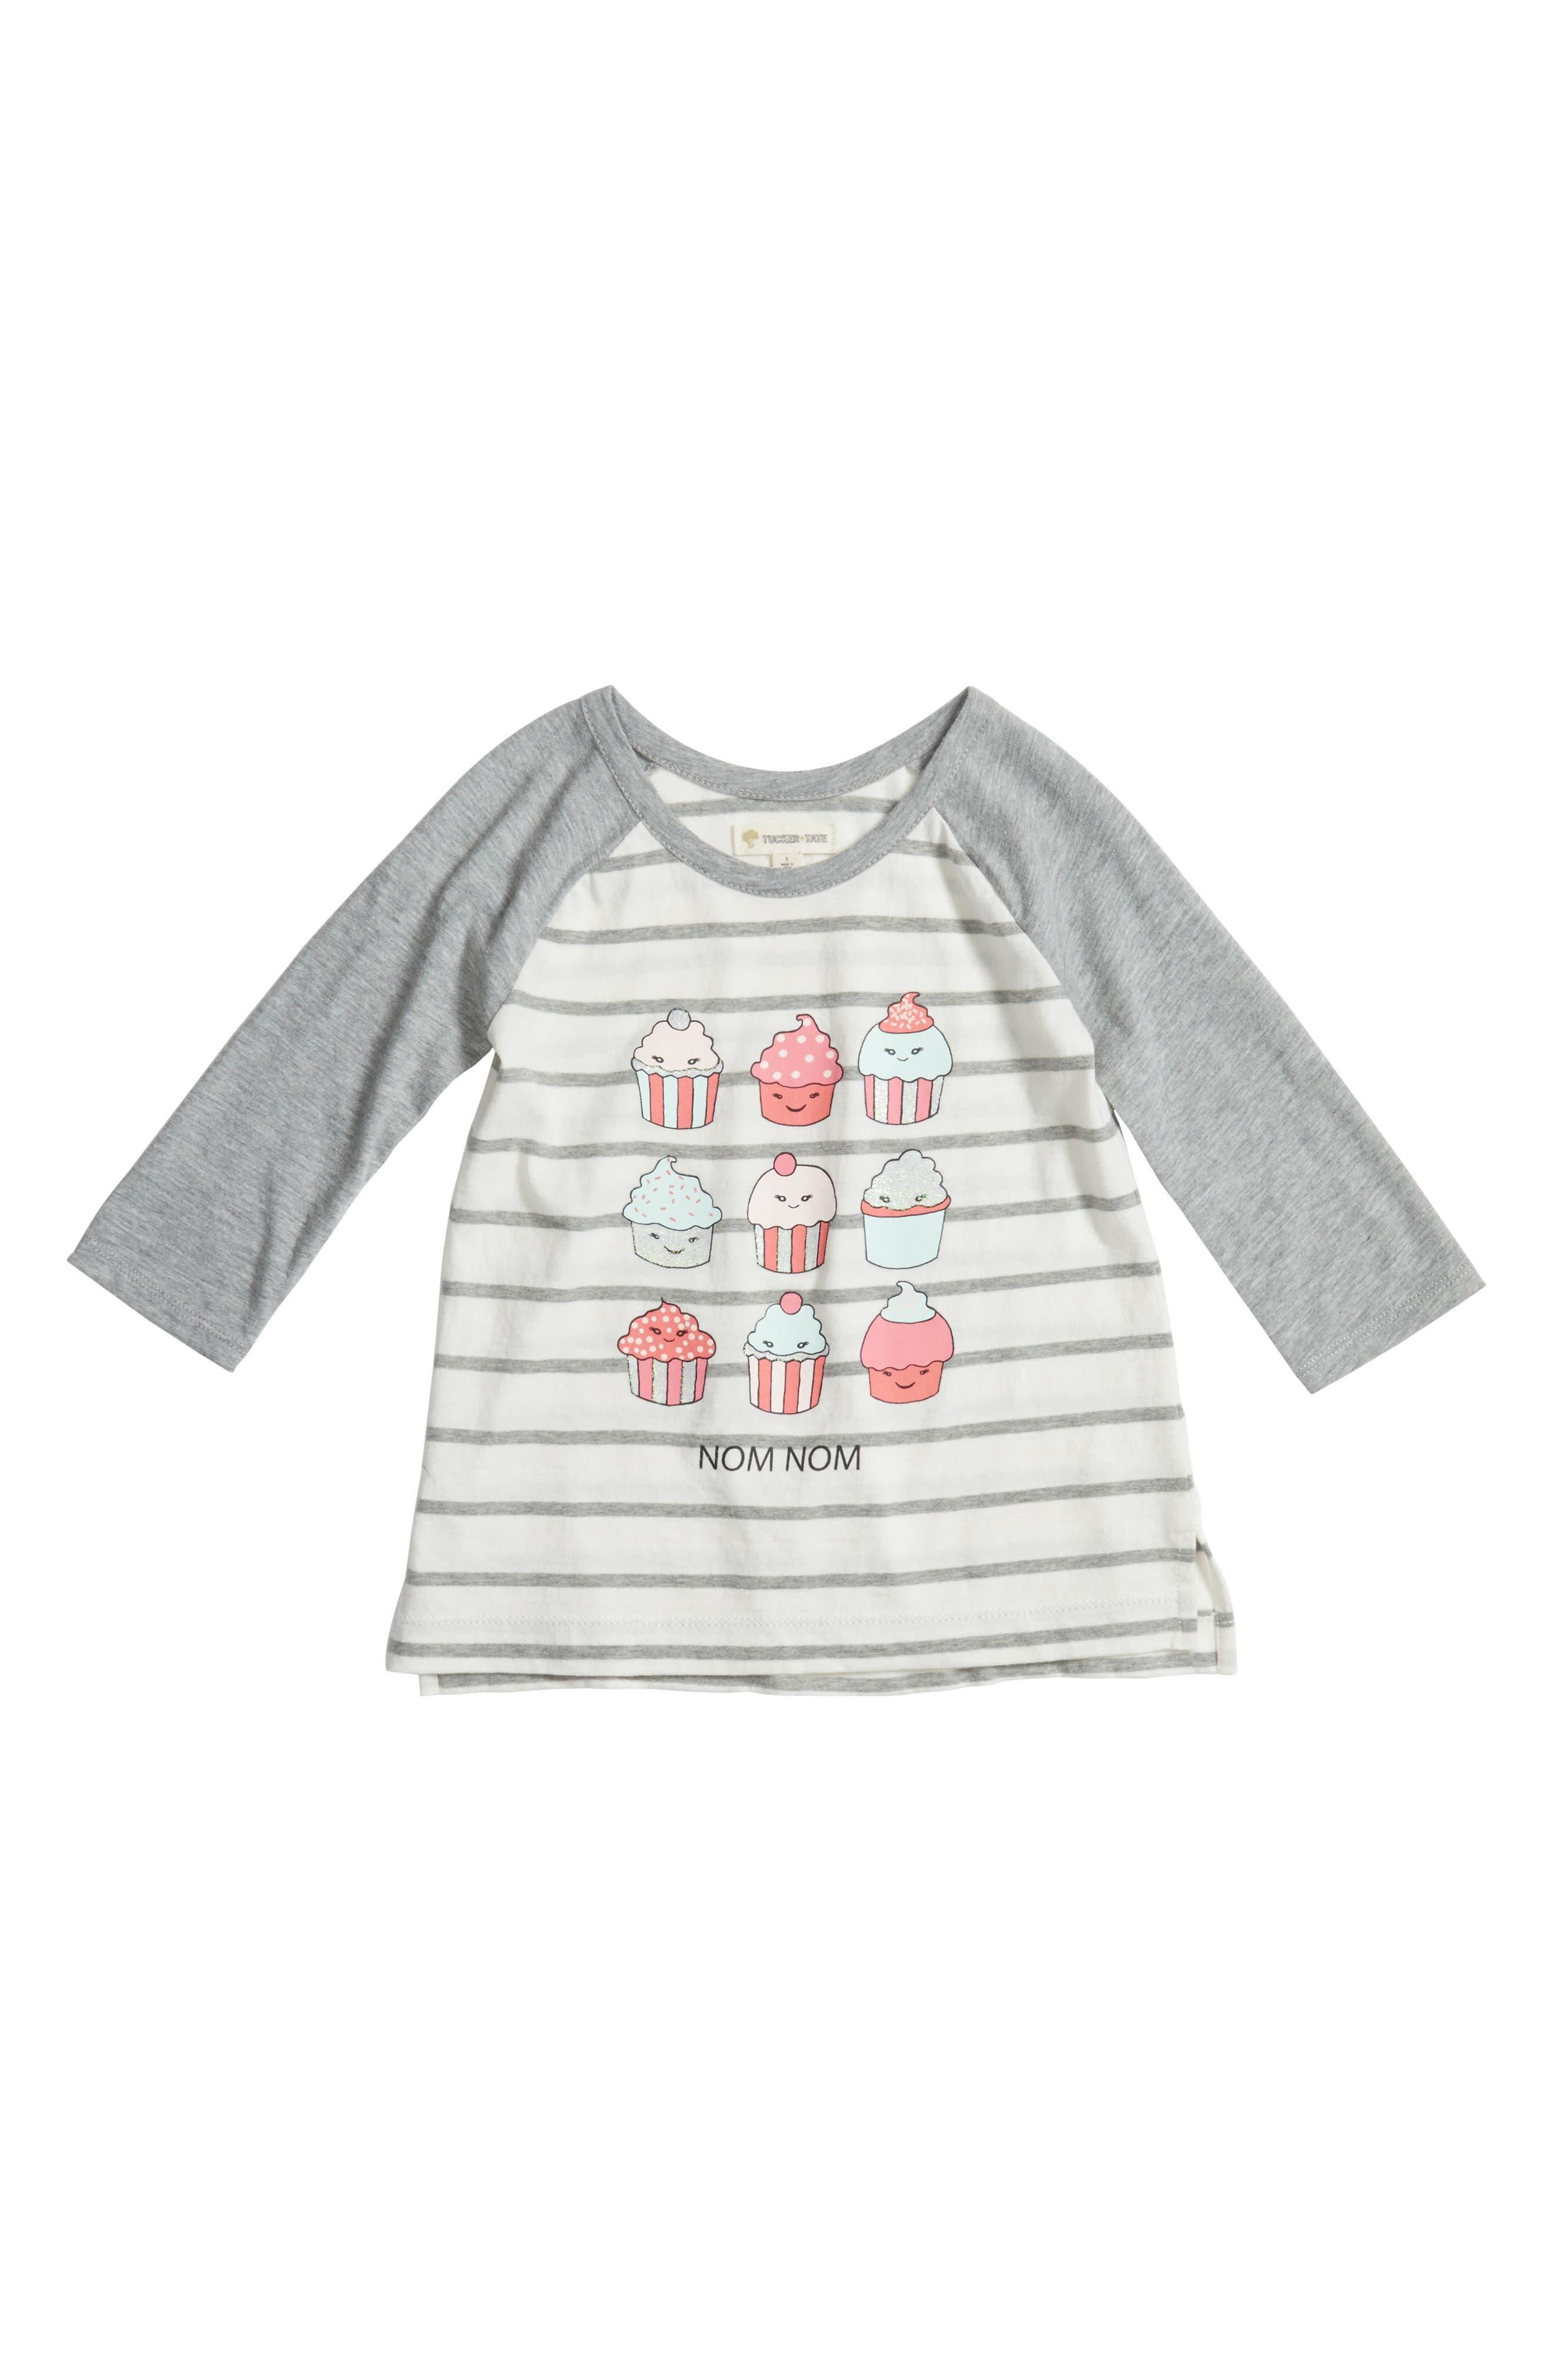 Alternate Image 1 Selected - Tucker + Tate Stripe Raglan Graphic Tee (Toddler Girls, Little Girls & Big Girls)